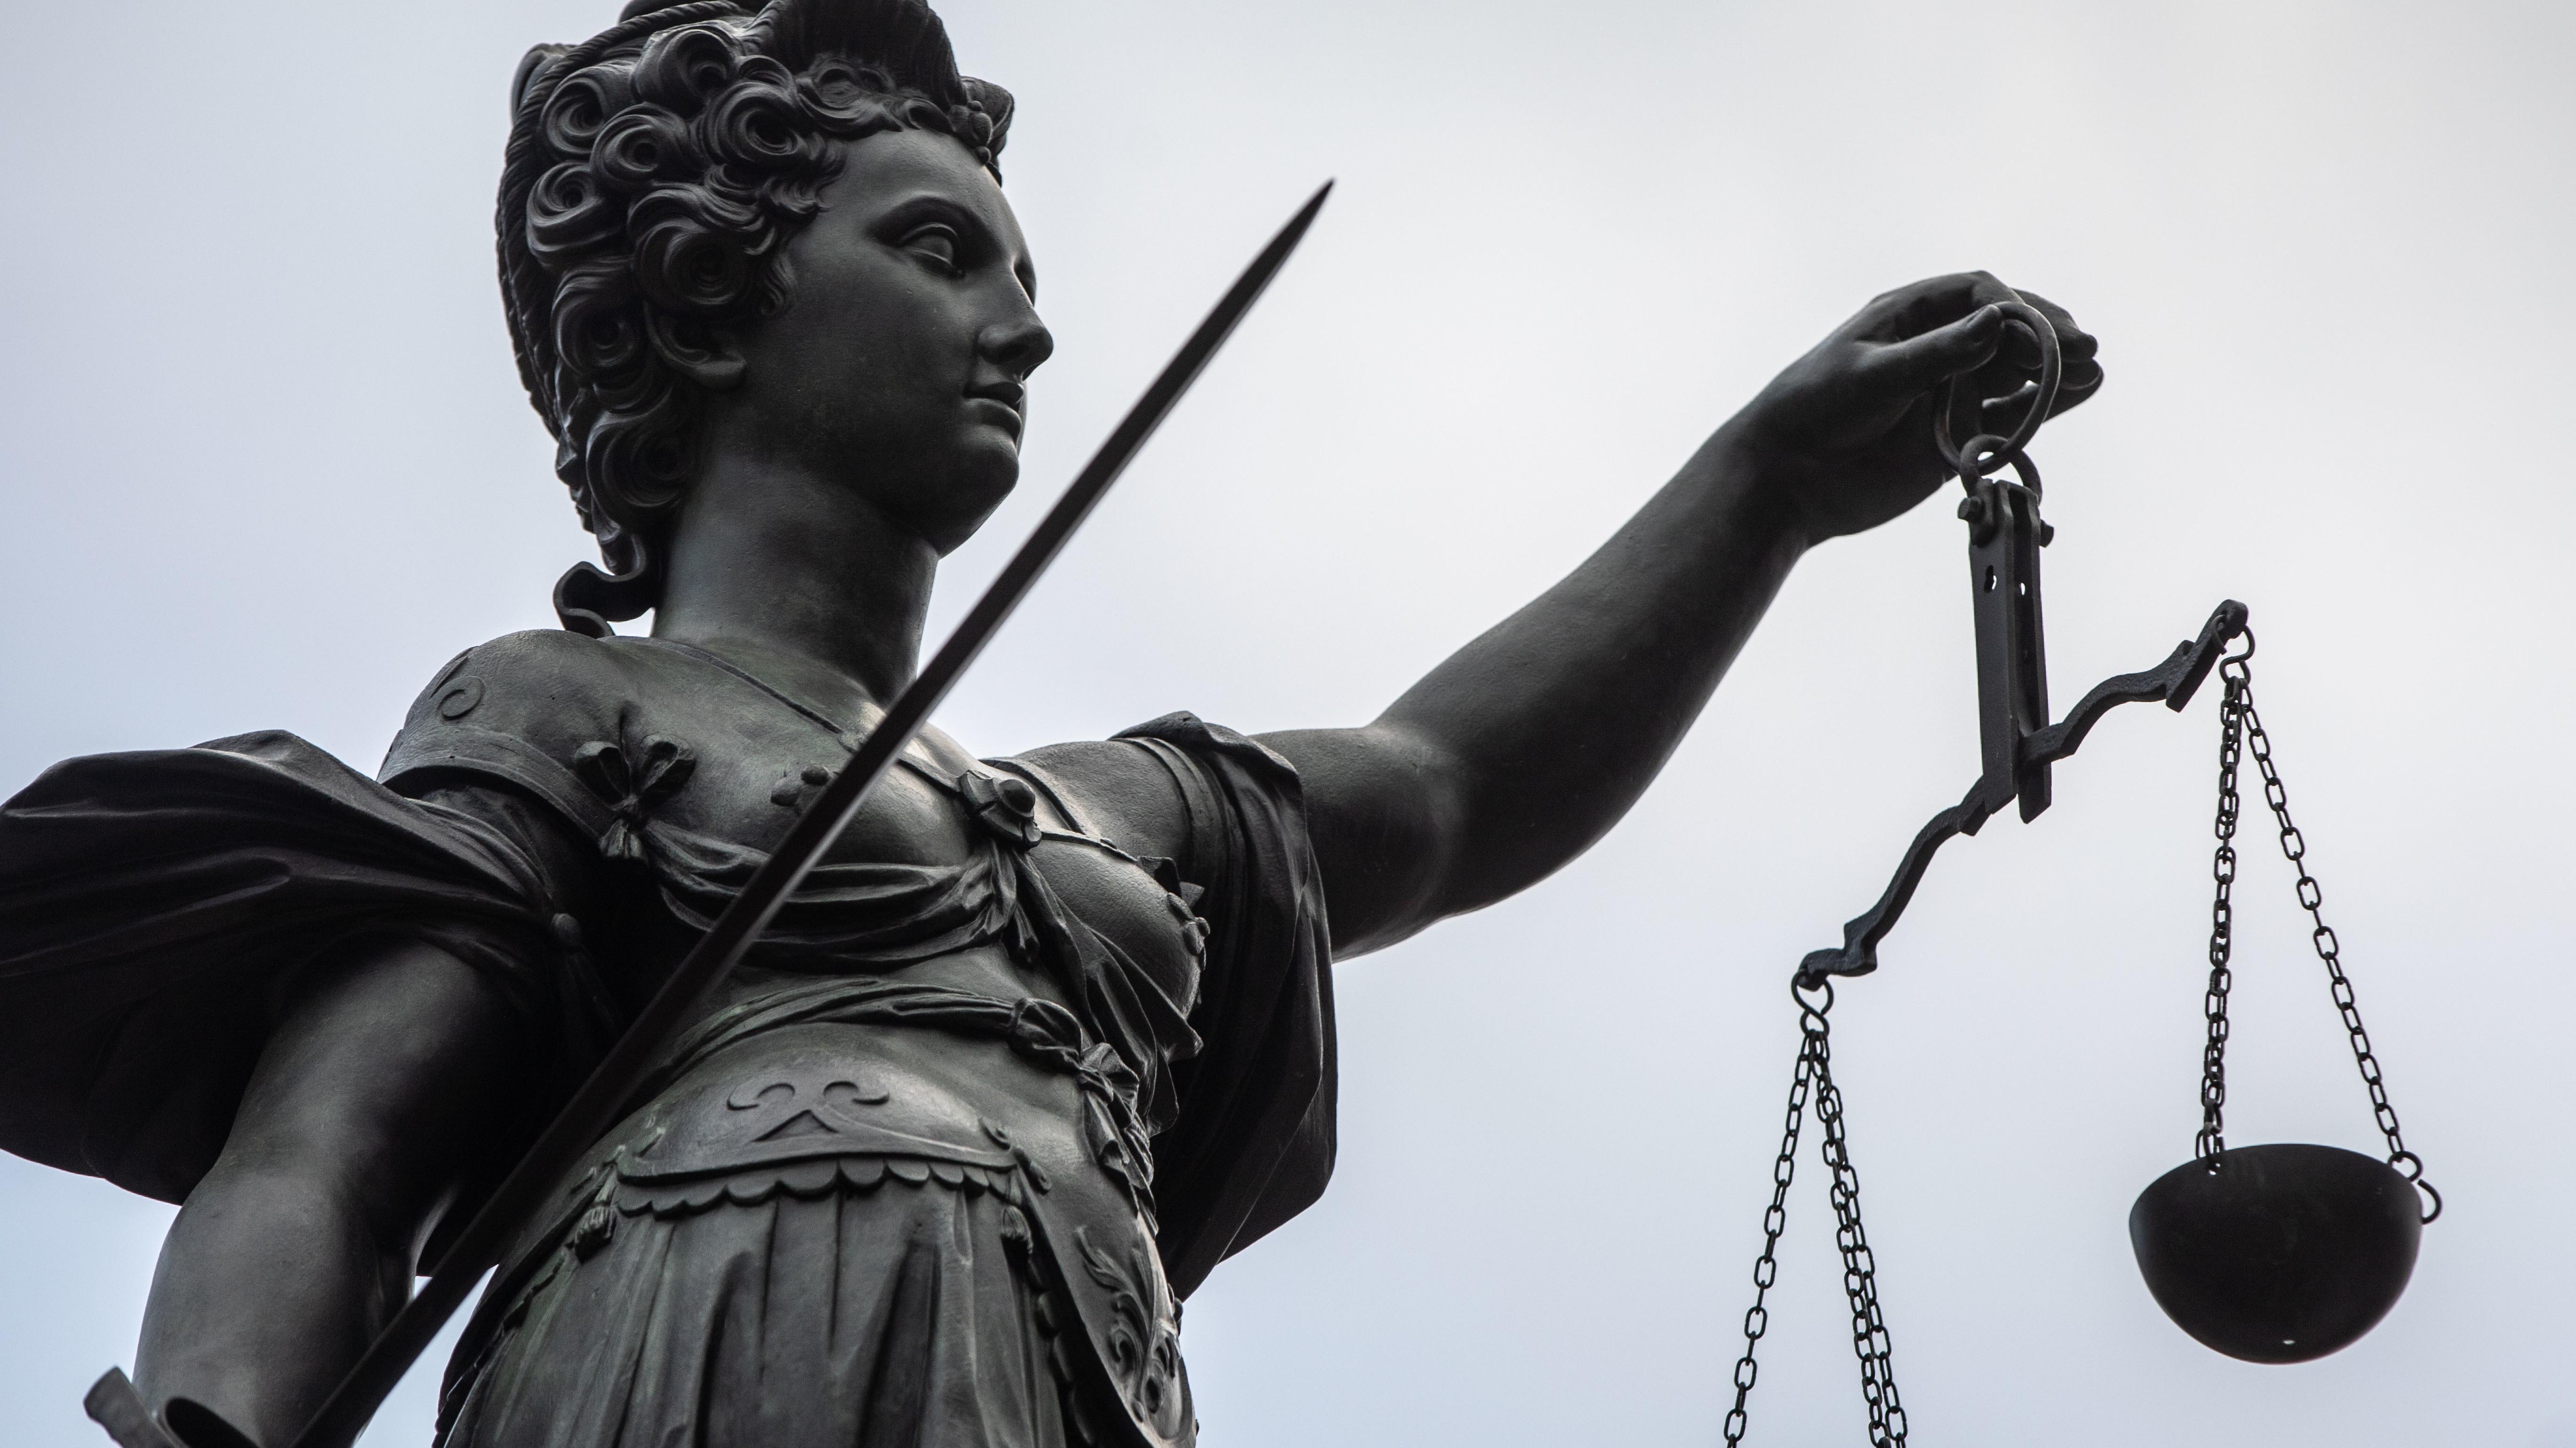 Die Statue der Justitia mit Schwert und Waage